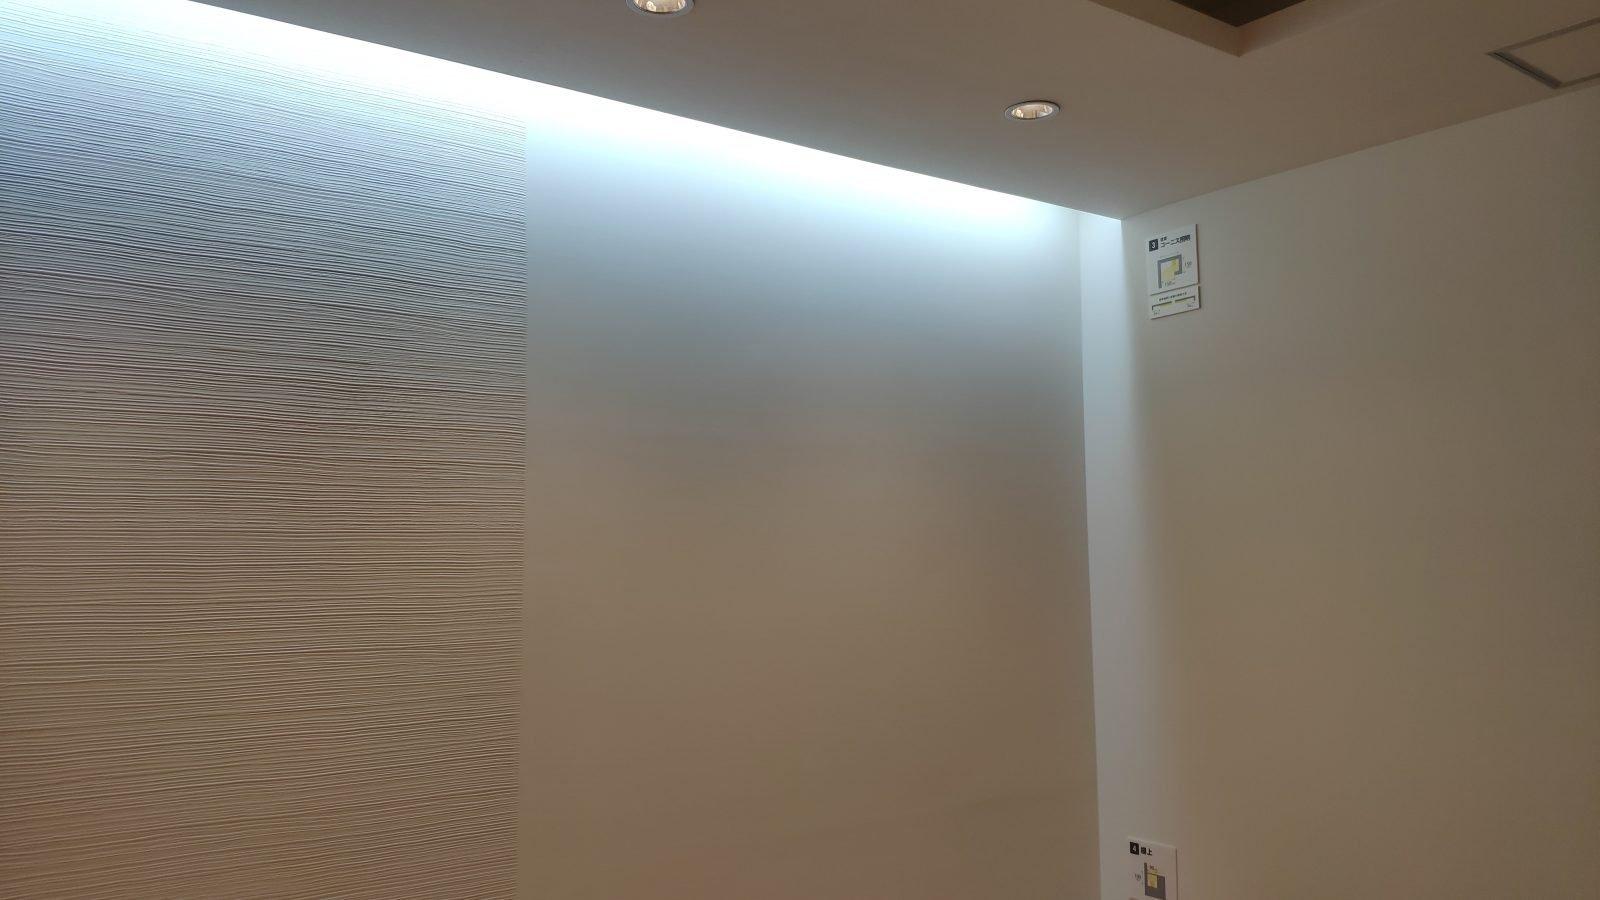 昼白色のコーニス照明(実際は全体的にもっと明るく見えます)